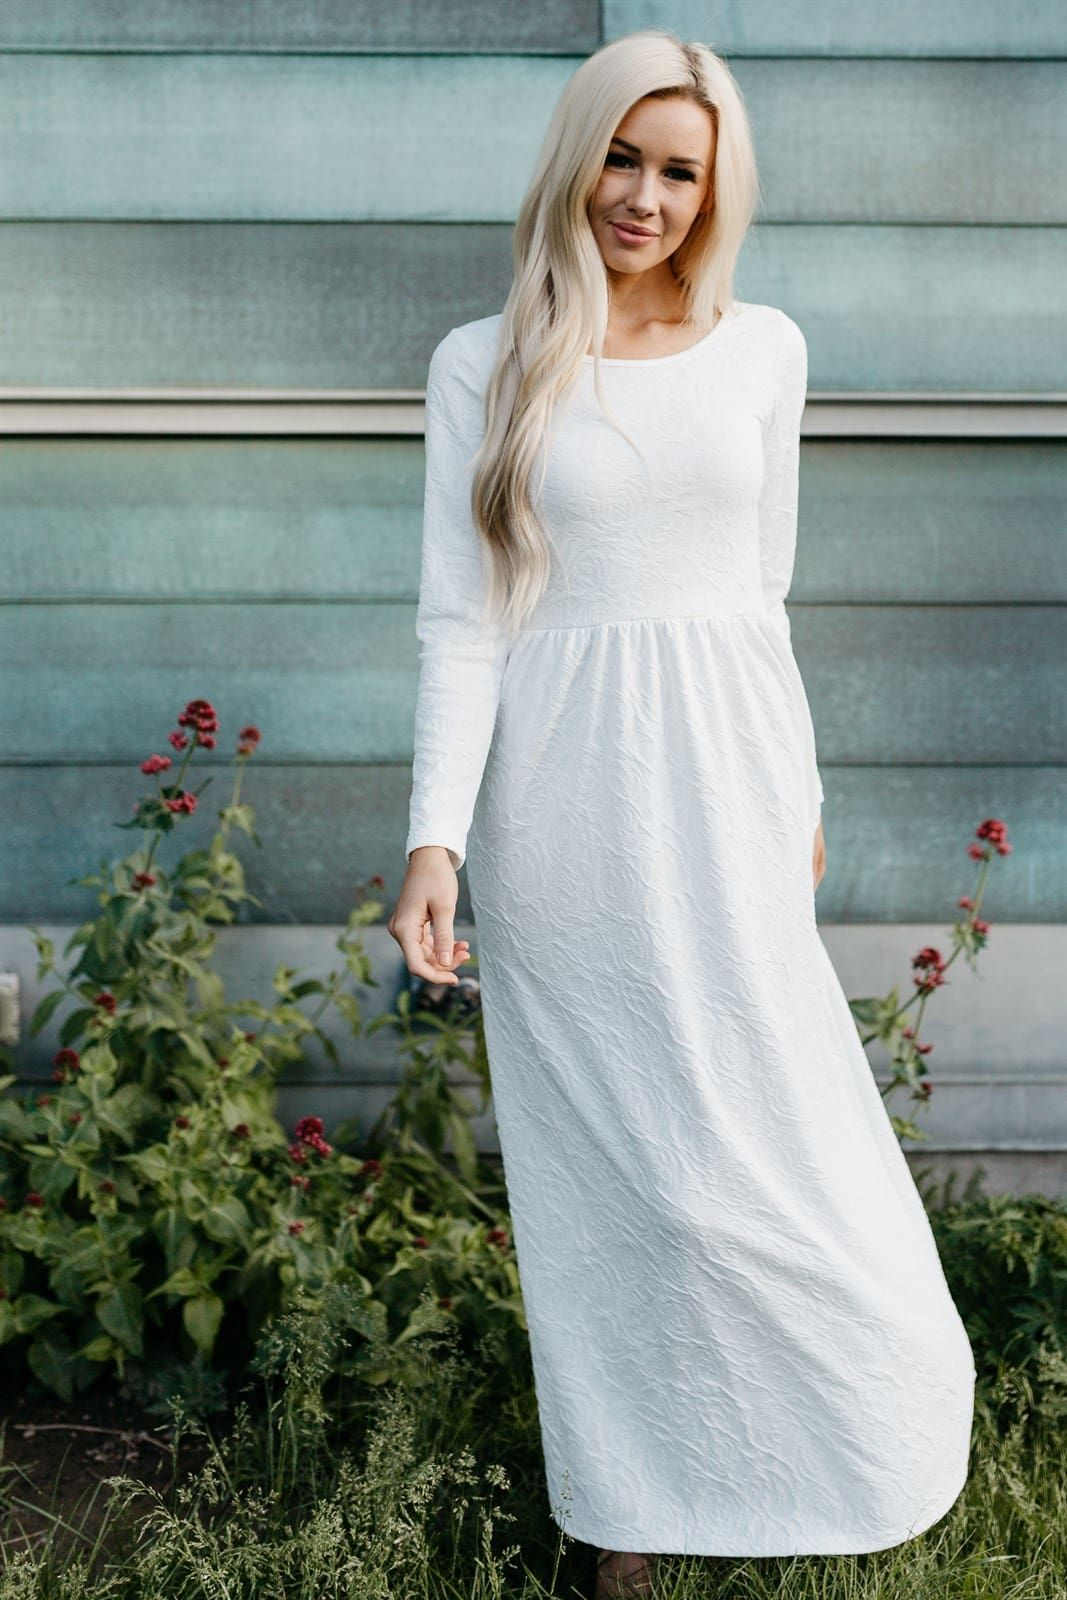 Textured Floral White Maxi Temple Dress Dresses Lds Temple Dress [ 1600 x 1067 Pixel ]